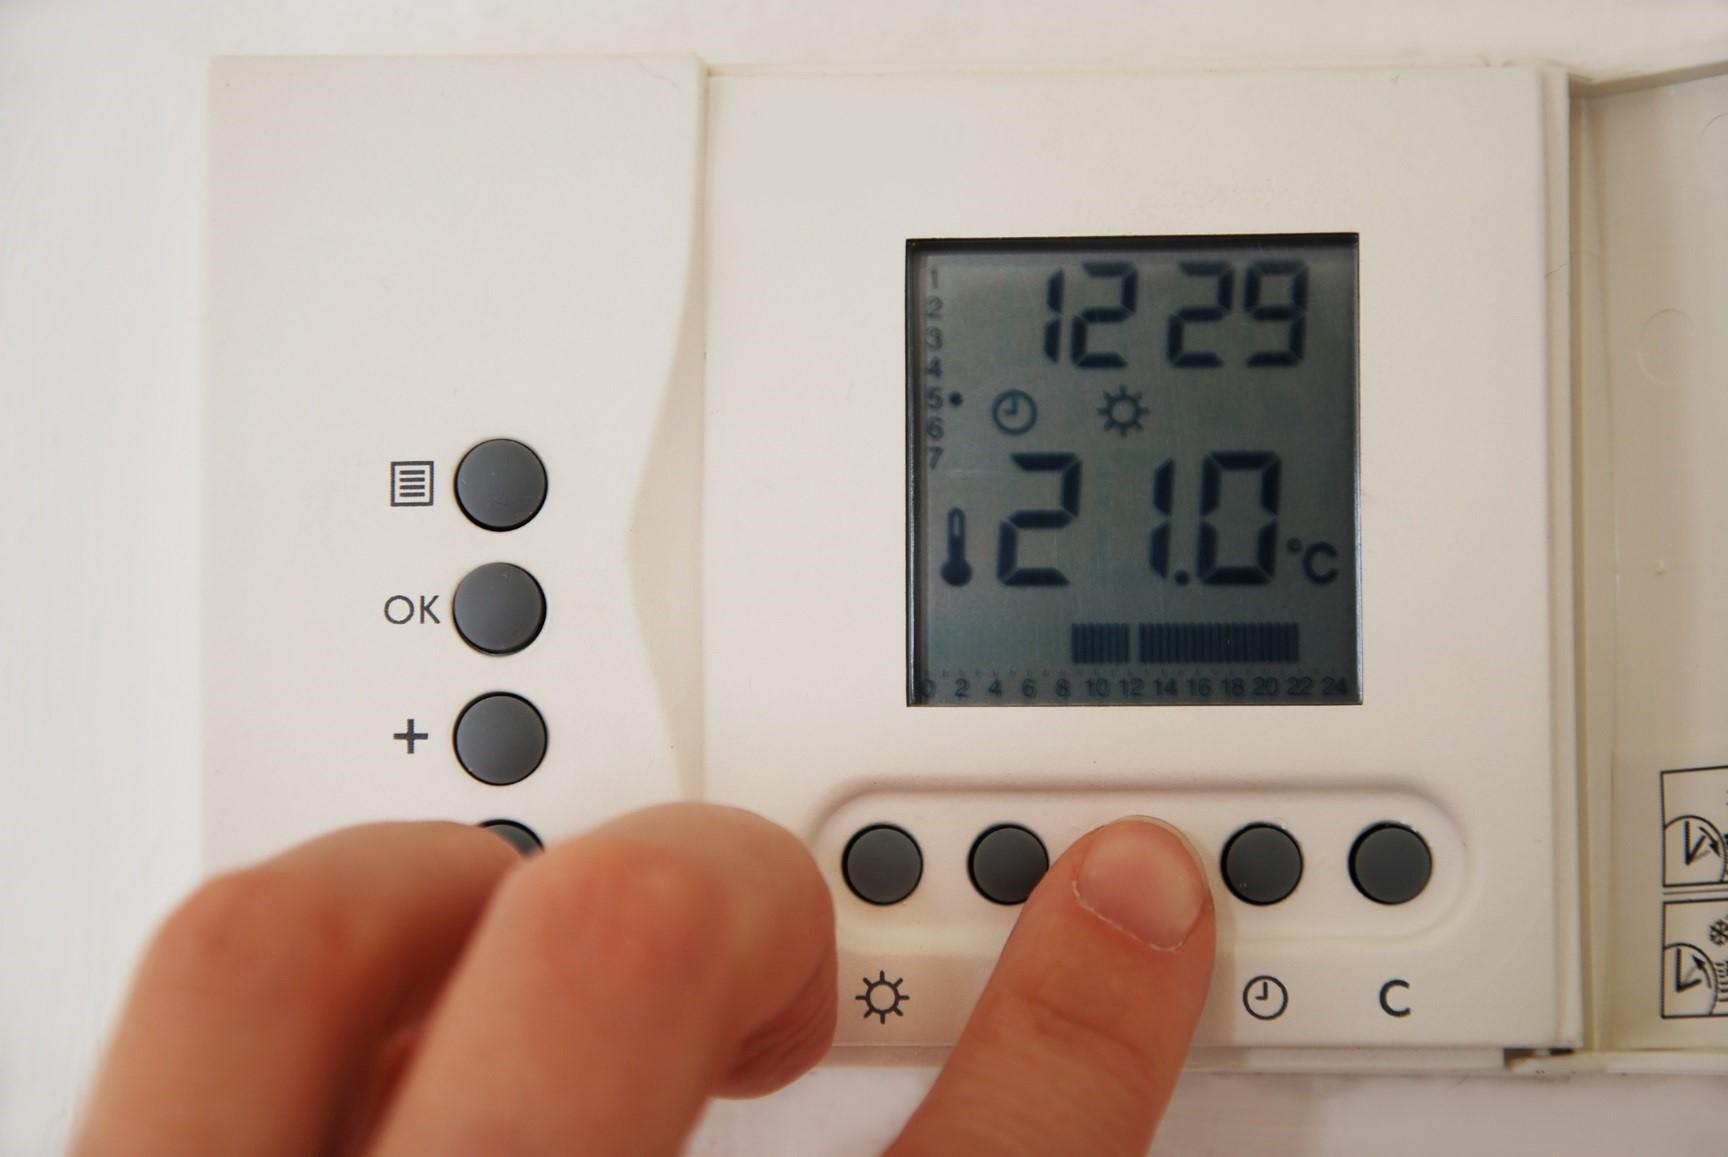 10 Consejos Para Ahorrar En La Calefacci N Todorepuestoselectro ~ Trucos Para Ahorrar Calefaccion